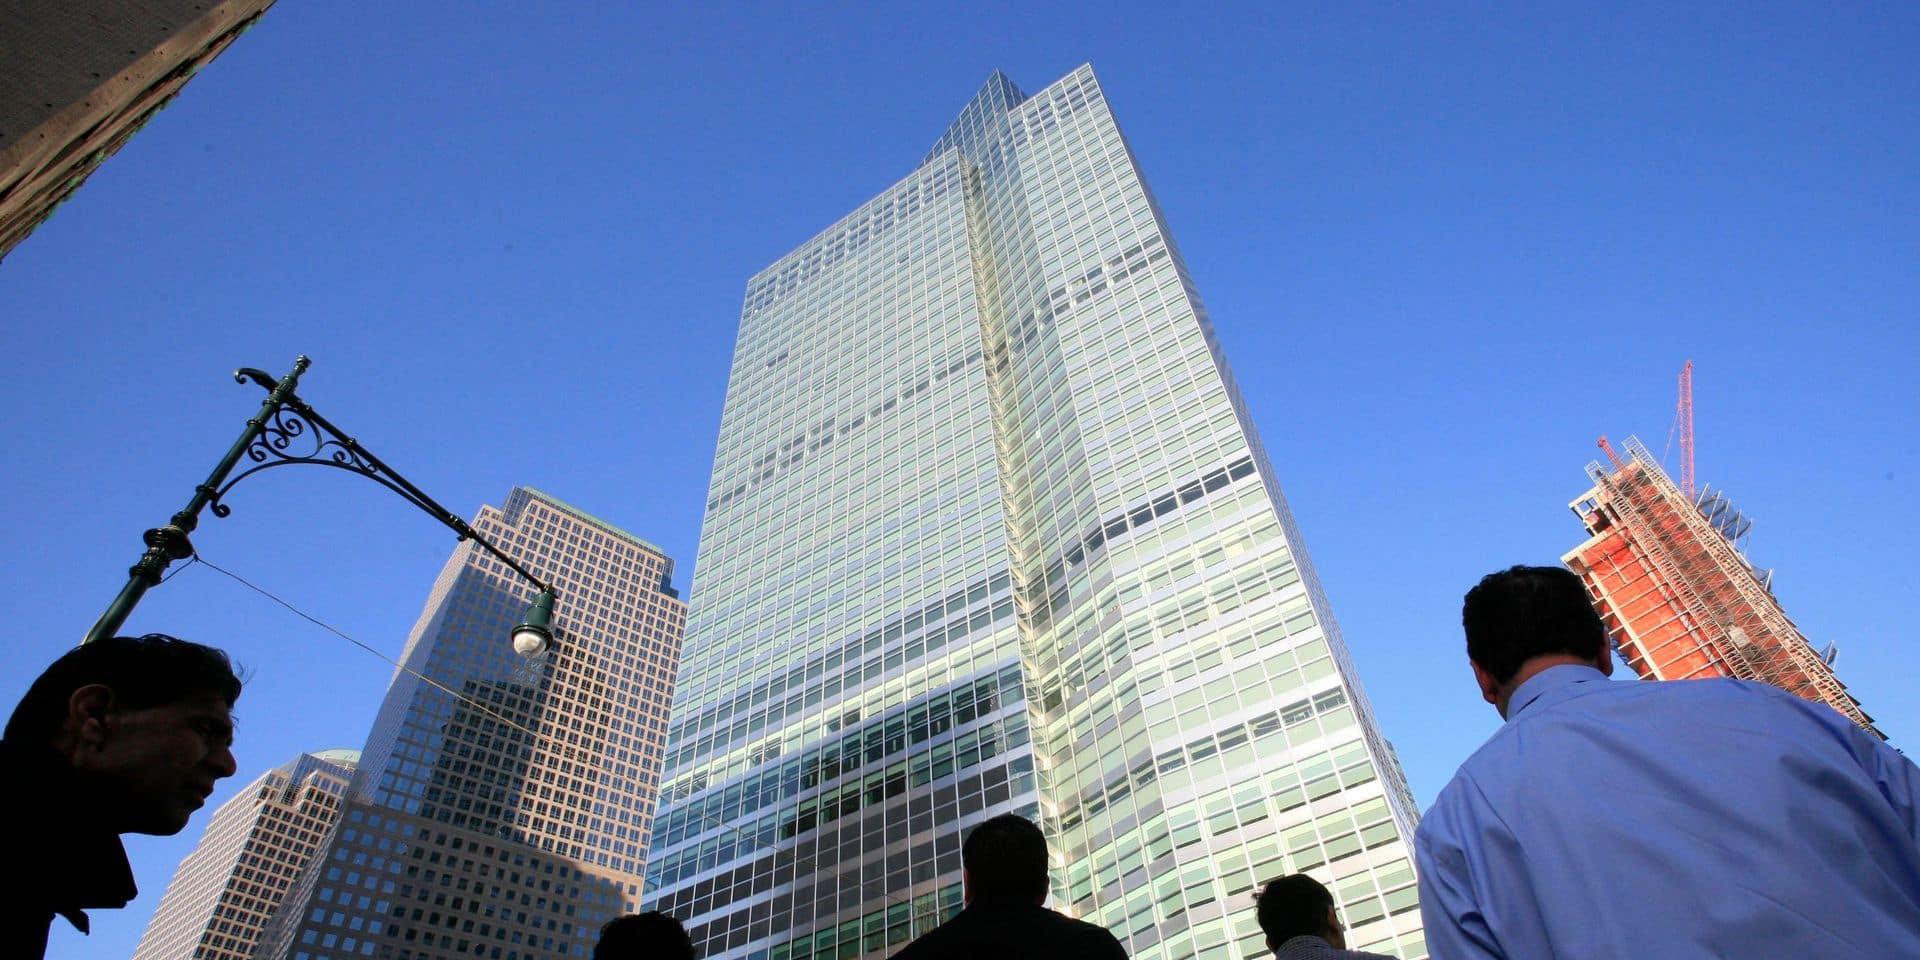 Les jeunes banquiers de Goldman Sachs se révoltent contre les semaines de 100 heures